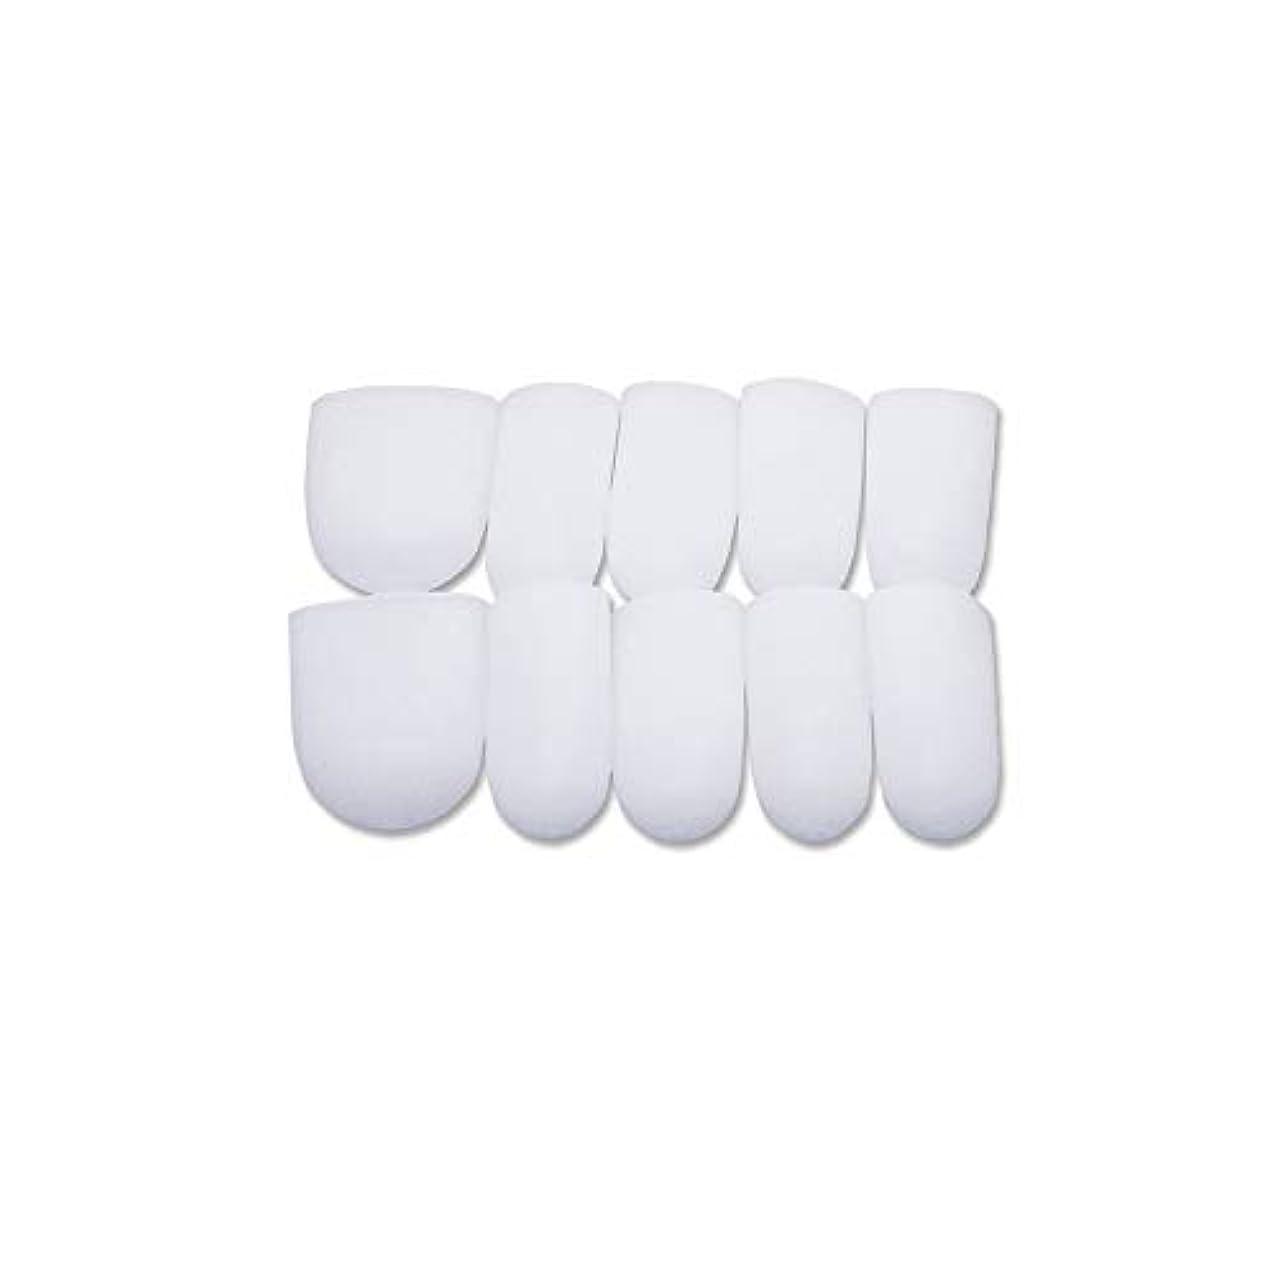 引き渡すエラー僕の5ペア ゲル 足指 足爪 保護キャップ 親指, 足先のつめ保護キャップ, つま先キャップ 白い 足指保護キャップ